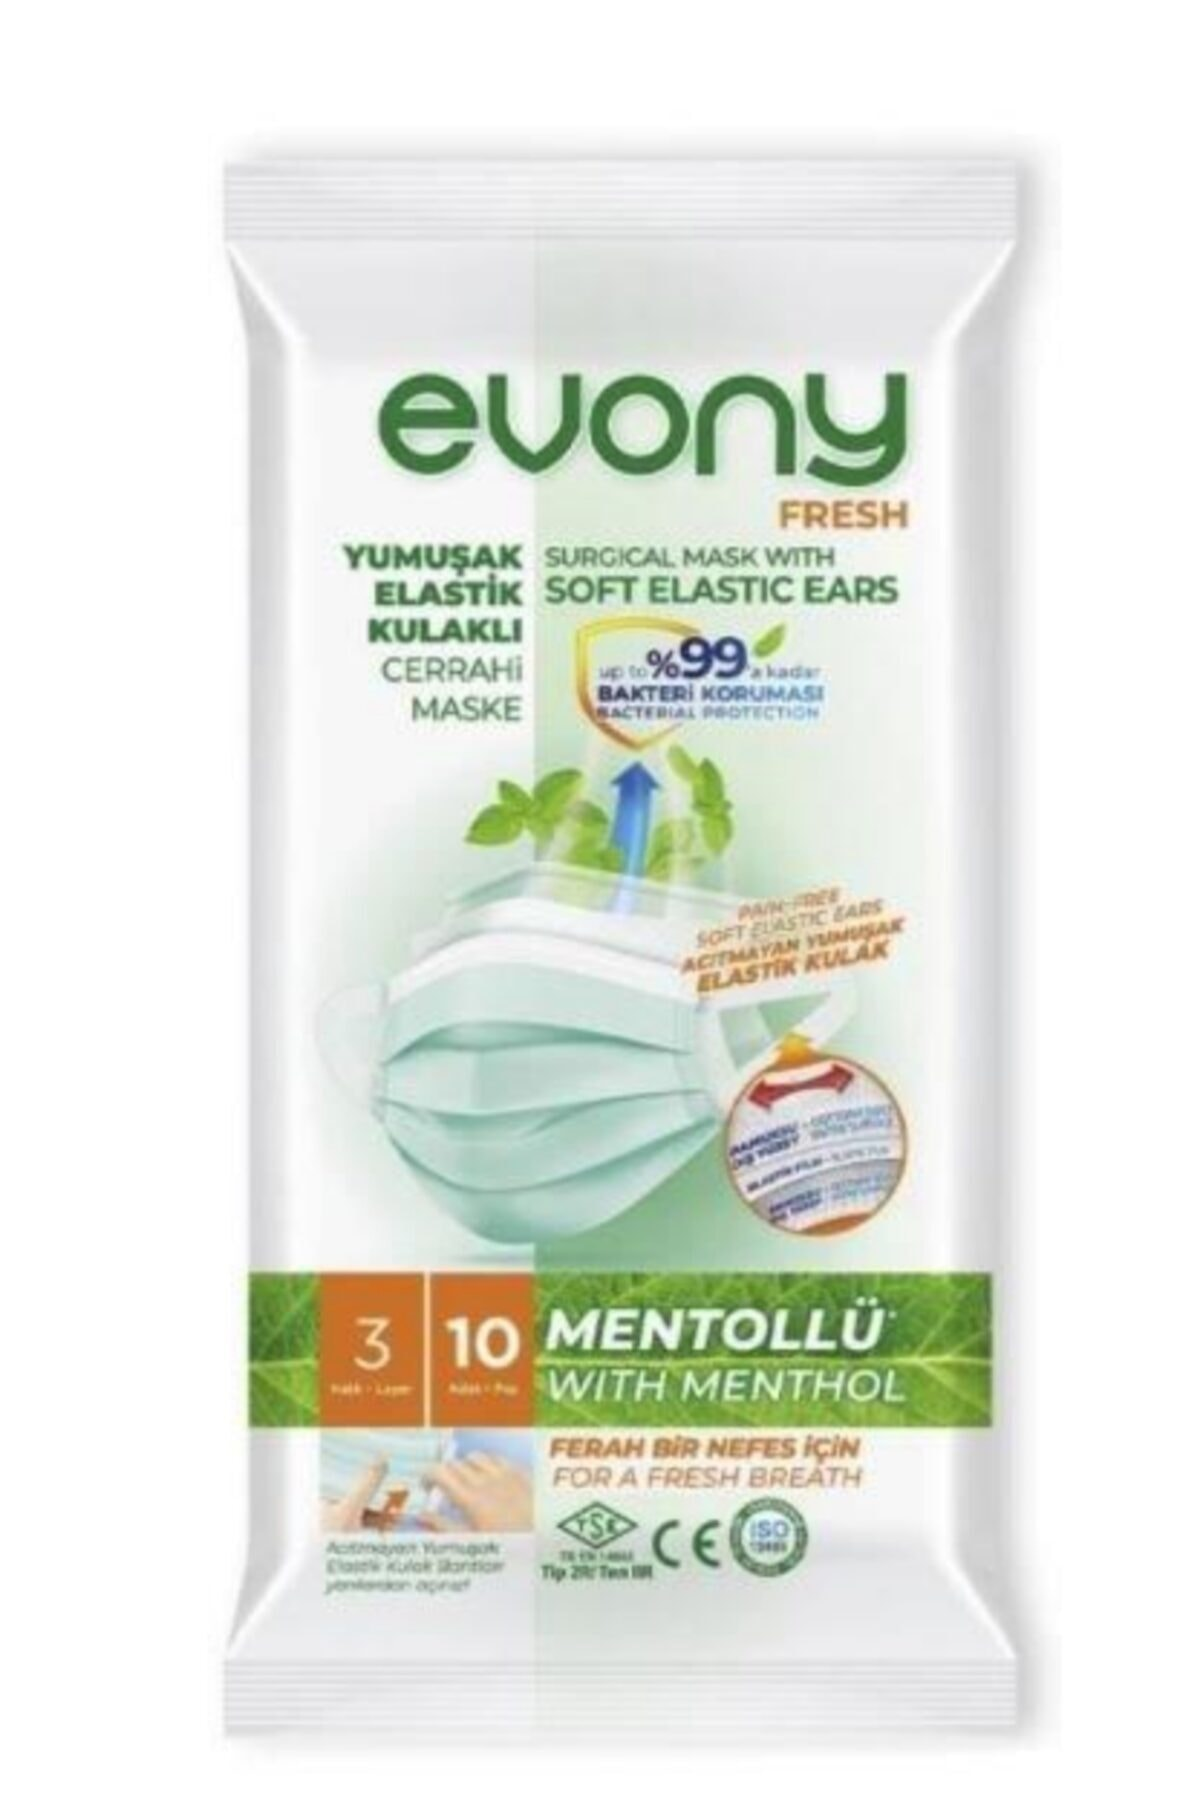 Evony Elastik Kulaklı Fresh Mentollü Maske 50 Adet (10 X 5 Paket) 1